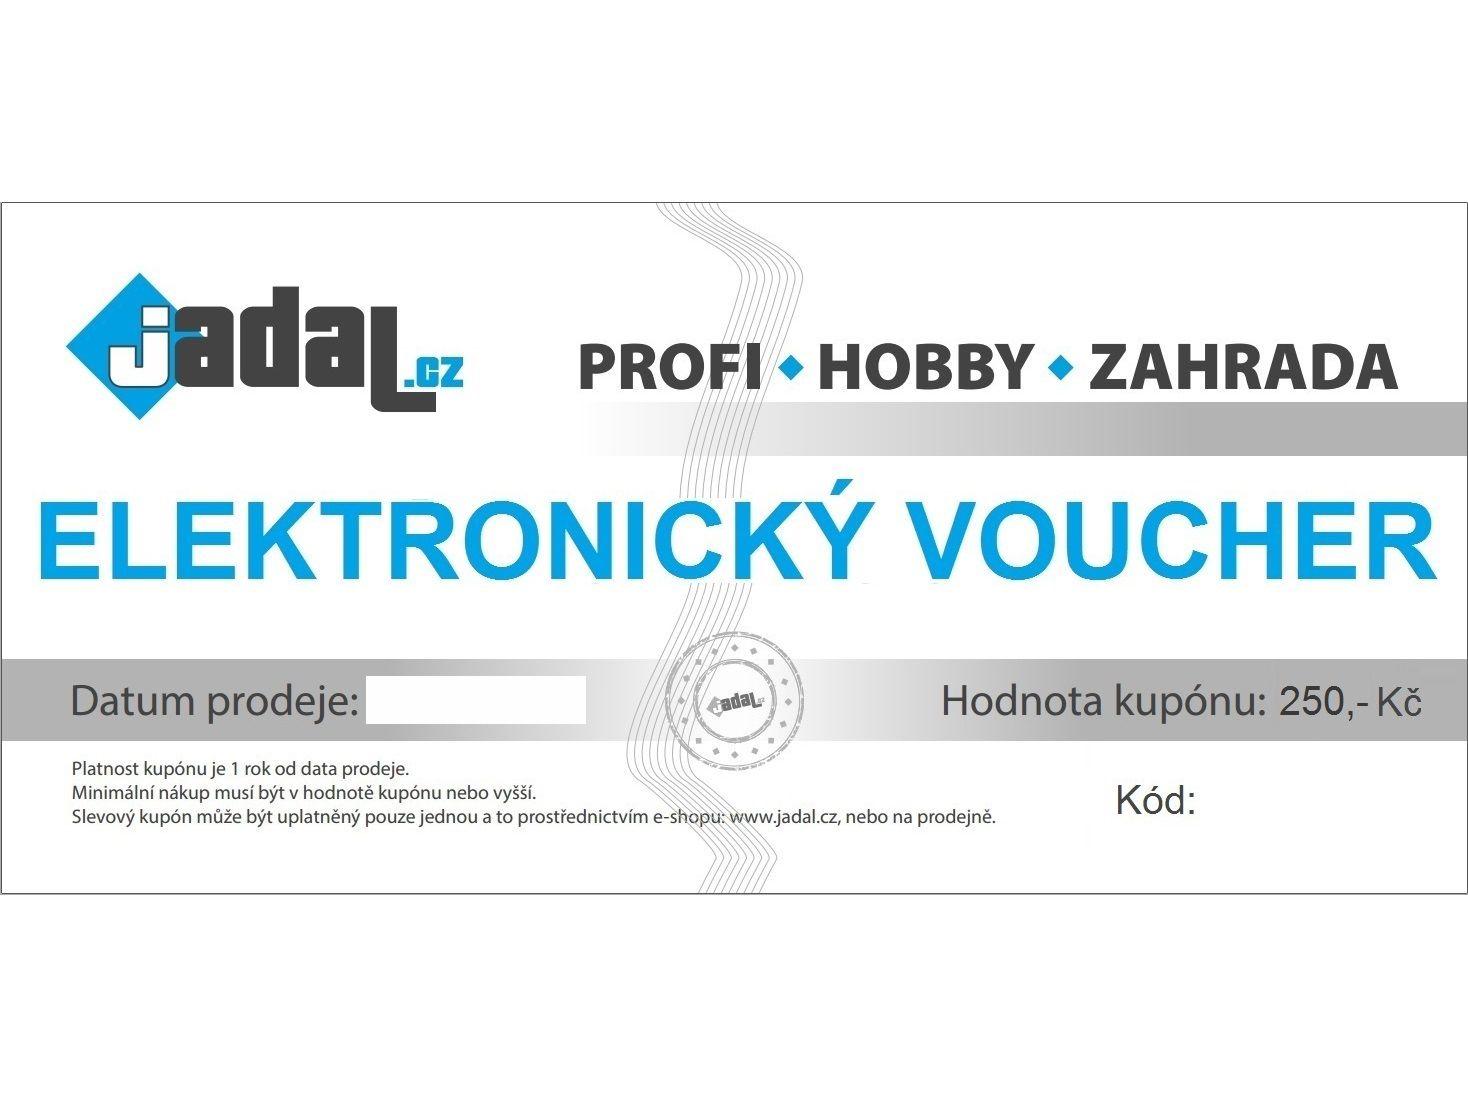 Elektronický voucher - poukaz v hodnotě 250,-Kč